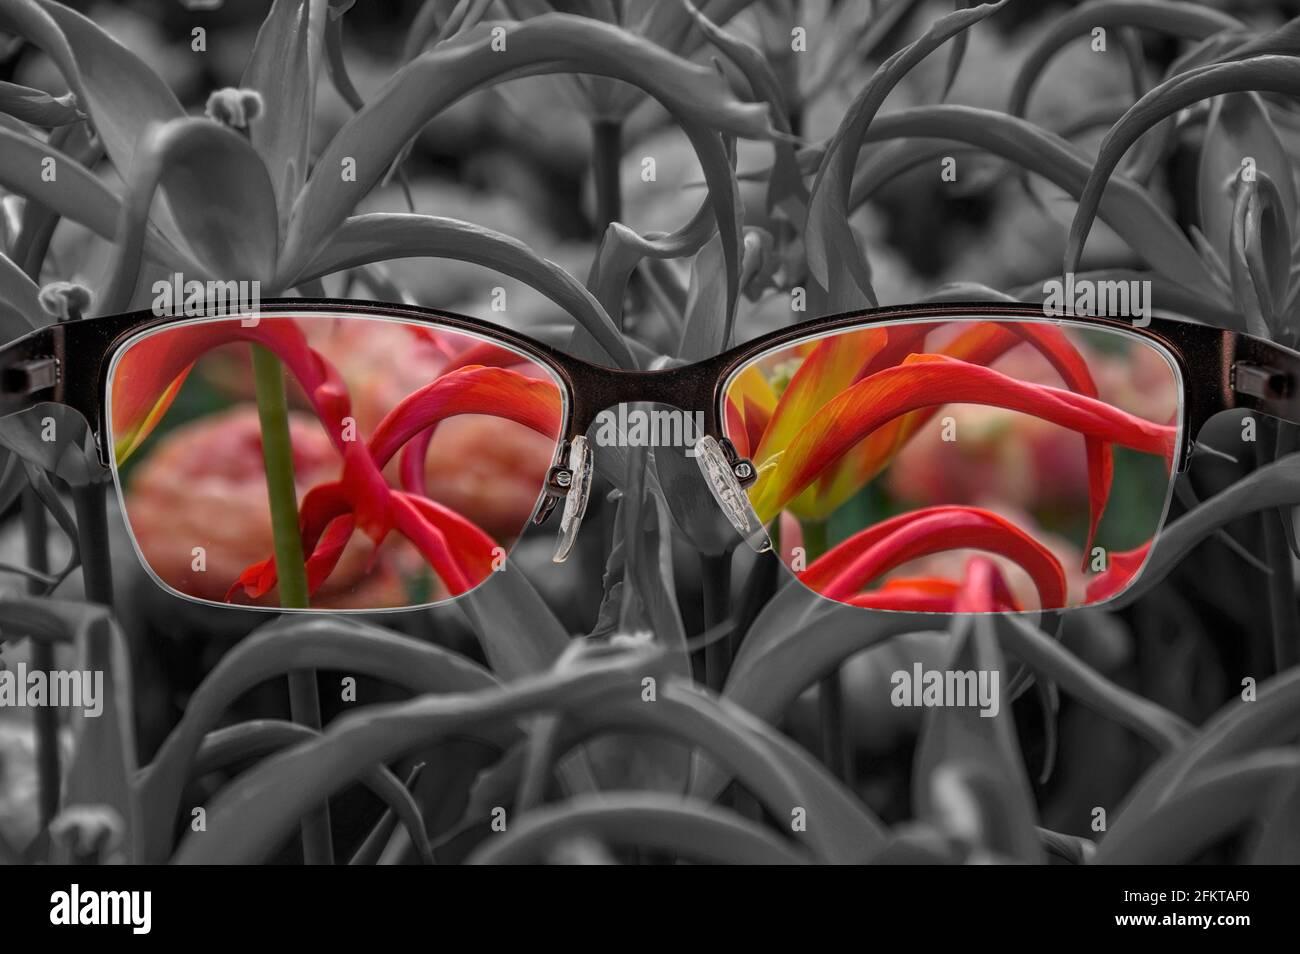 À travers le cadre des lunettes. Vue colorée des tulipes rouges en verres et fond monochrome. Perception du monde différente. Optimisme, désespoir, santé mentale Banque D'Images